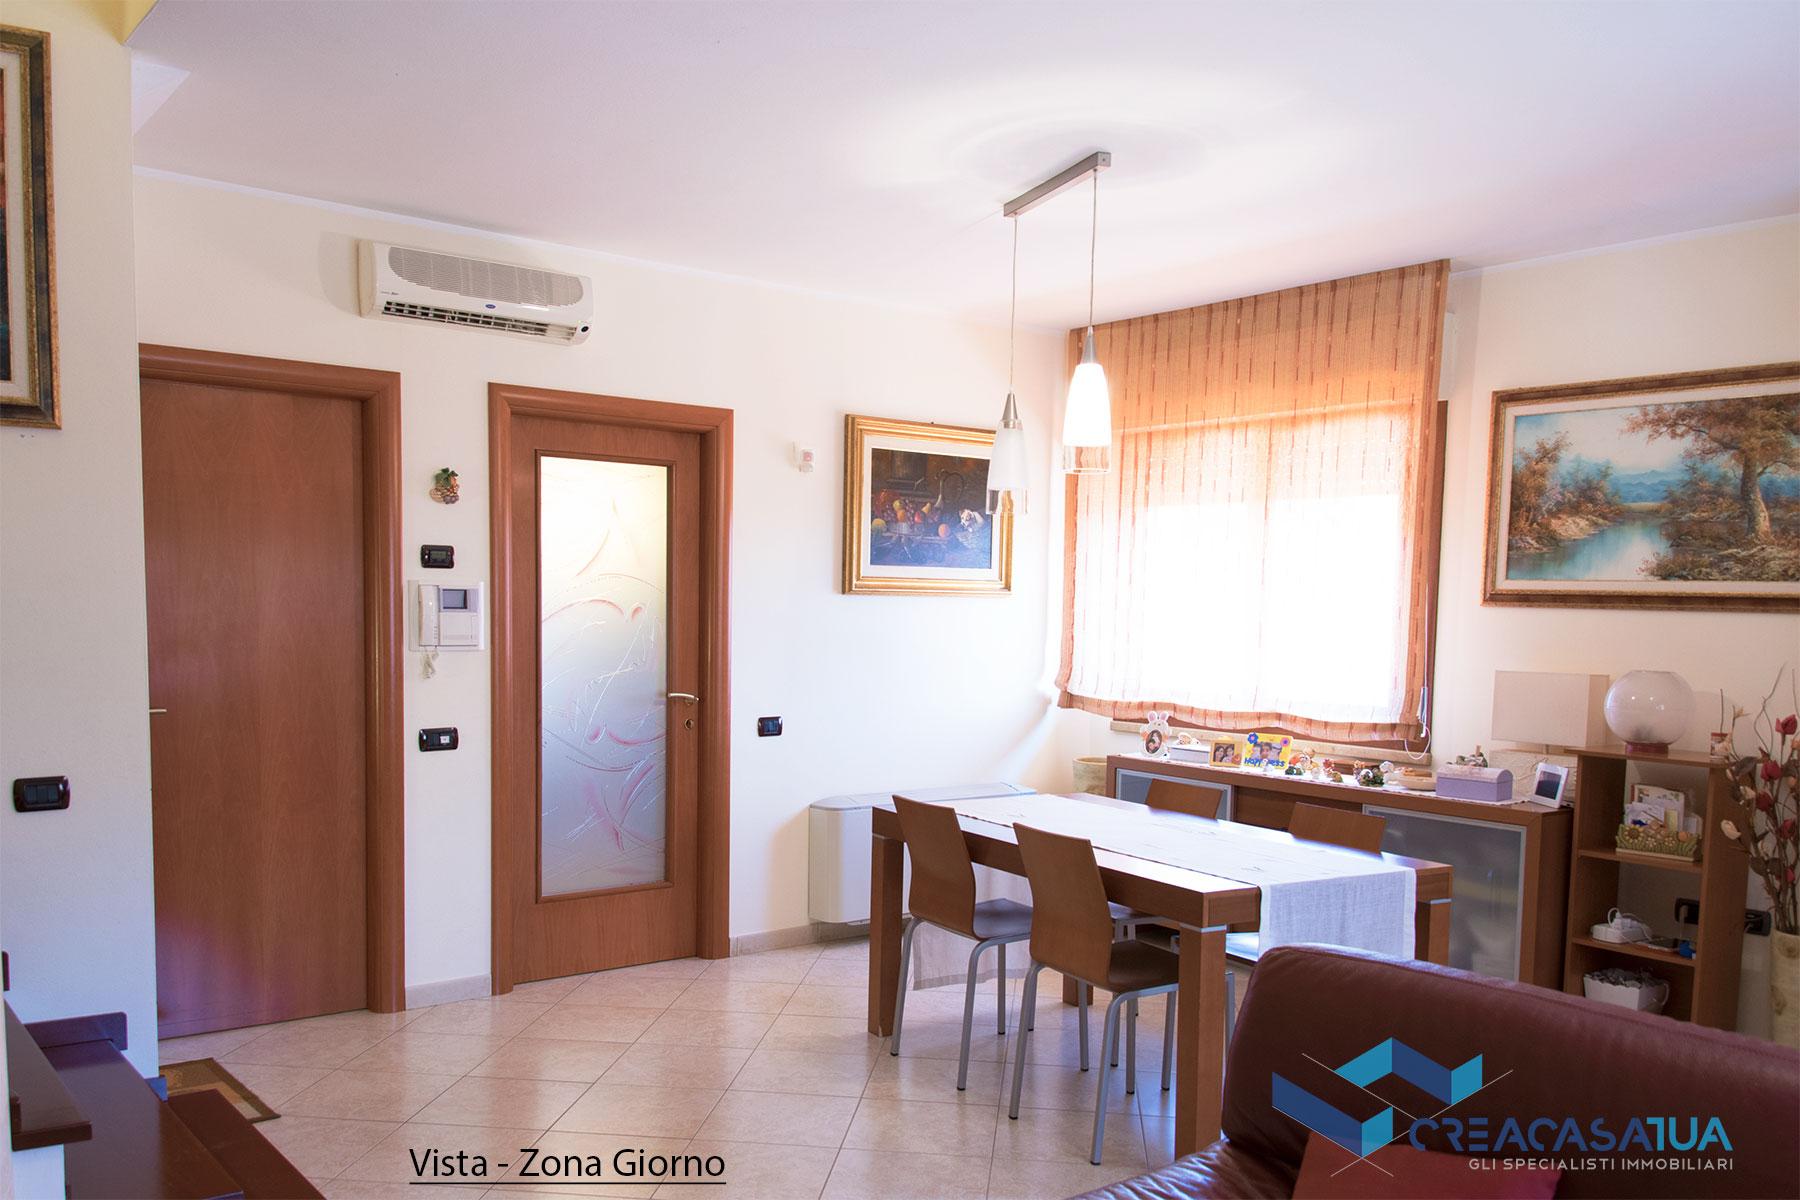 Crea casa tua villa gaia pb for Crea la tua casa